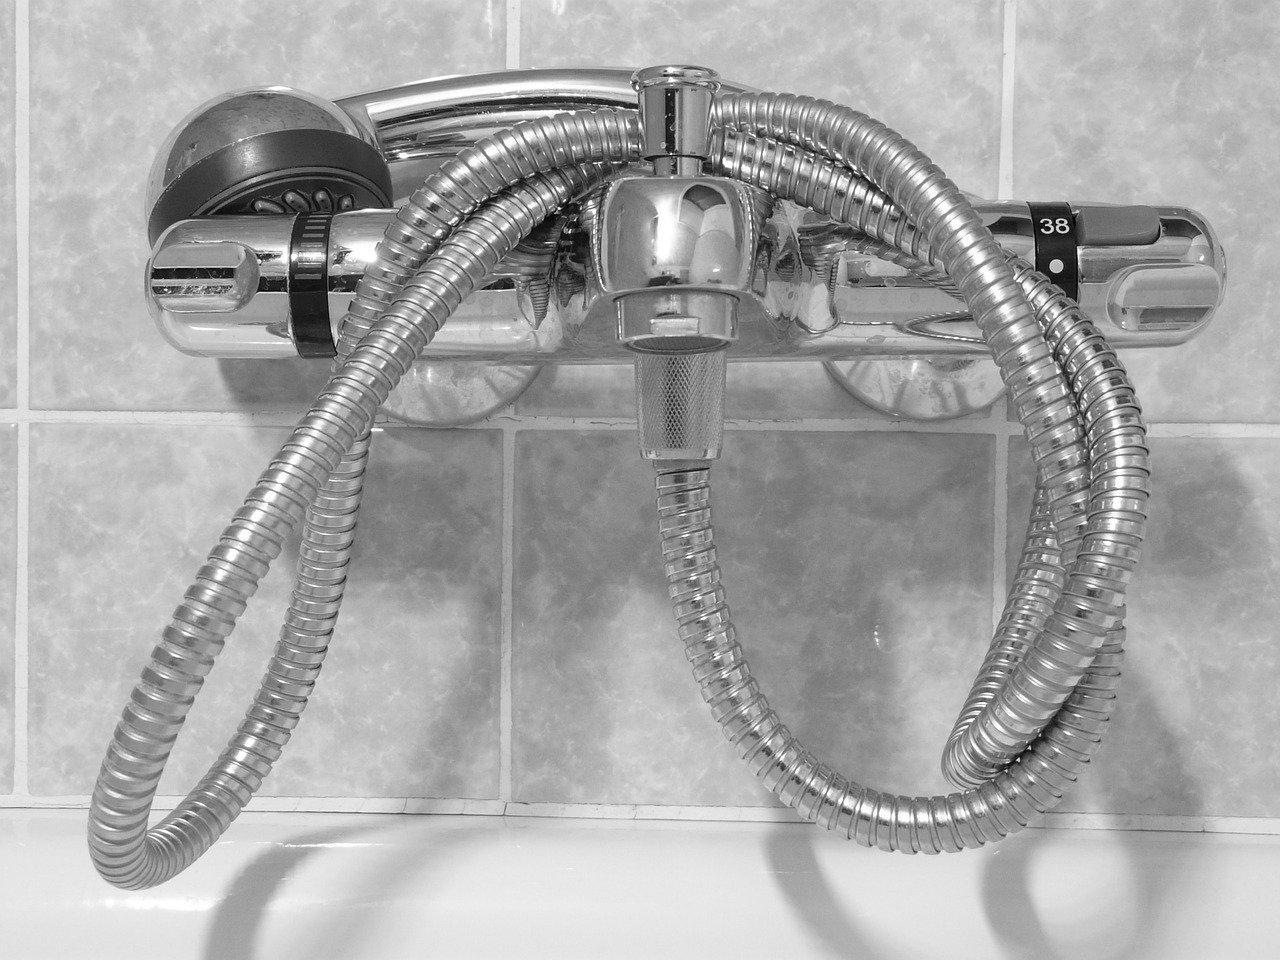 Welche Vorteile hat die Thermostatmischarmatur unter der Dusche?